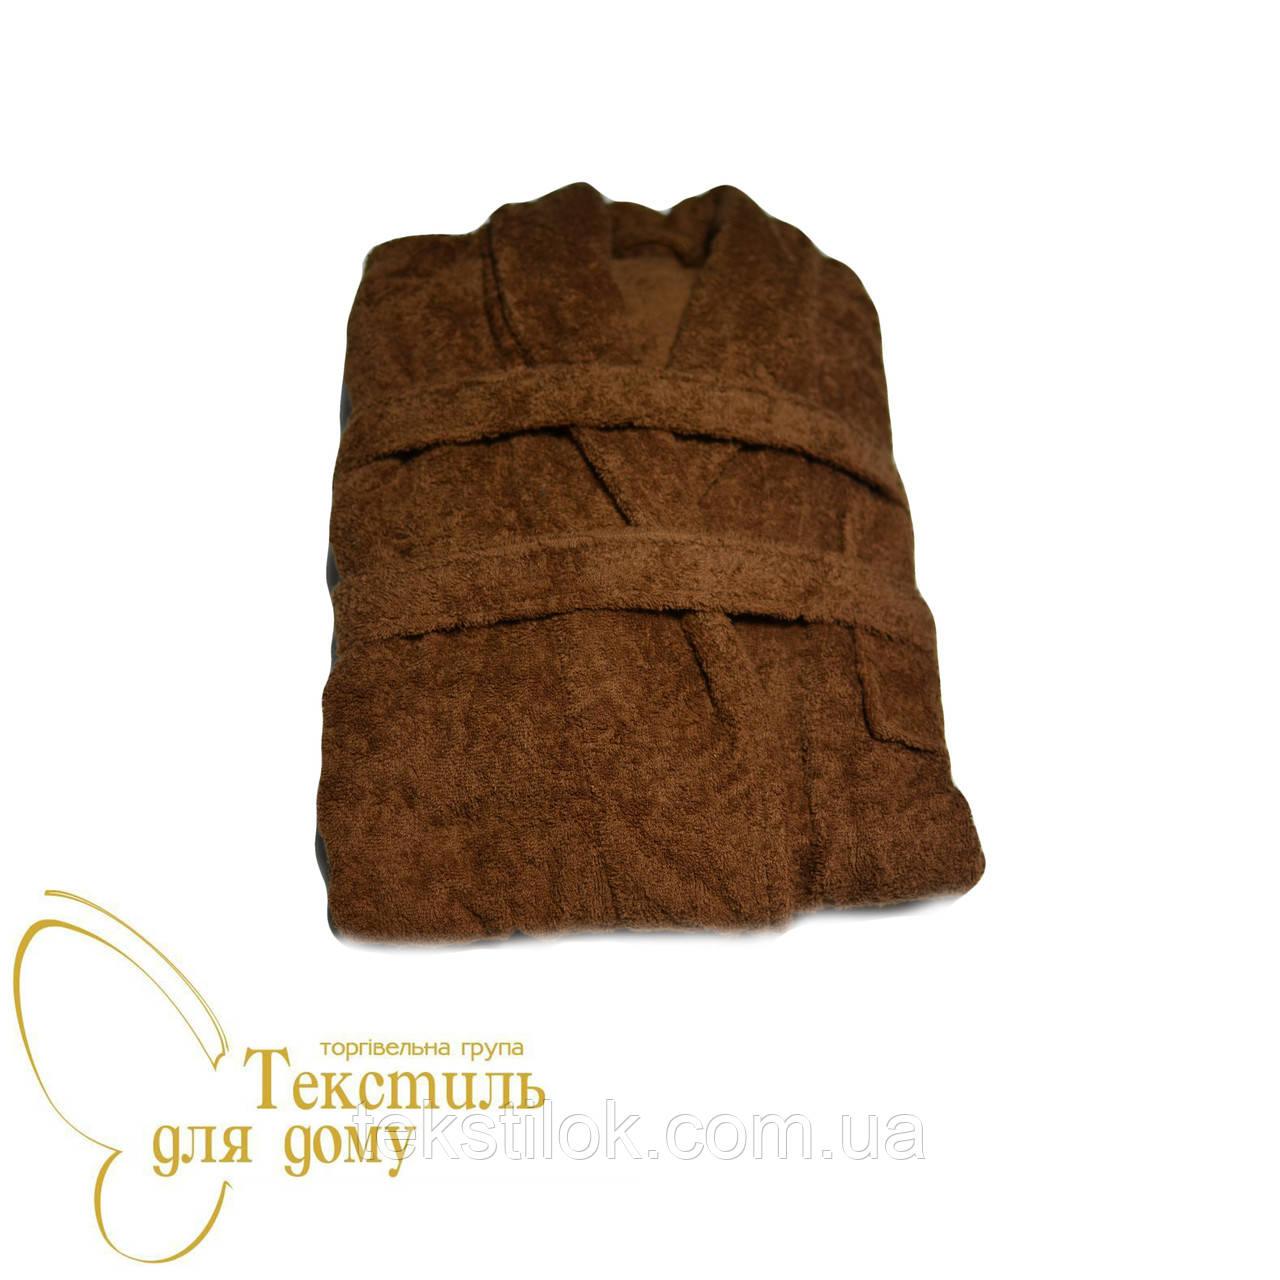 Халат коричневый, ворот шаль